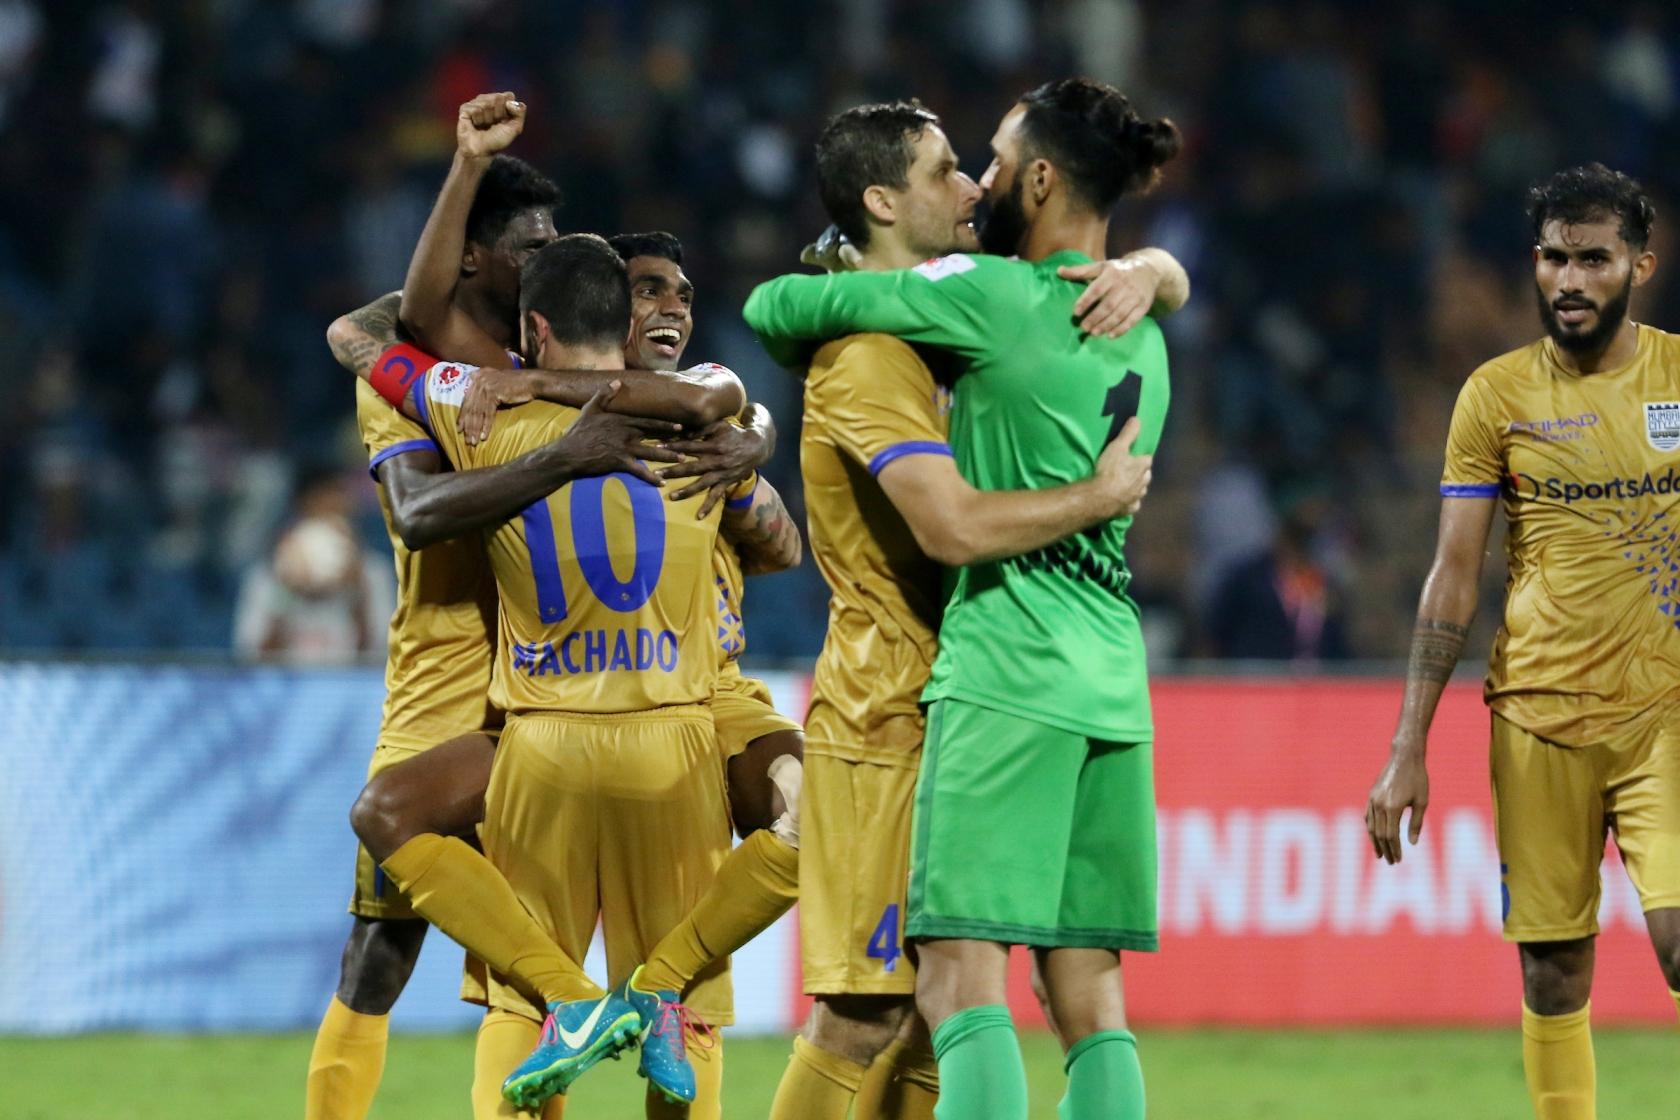 Bengaluru FC Mumbai City ISL